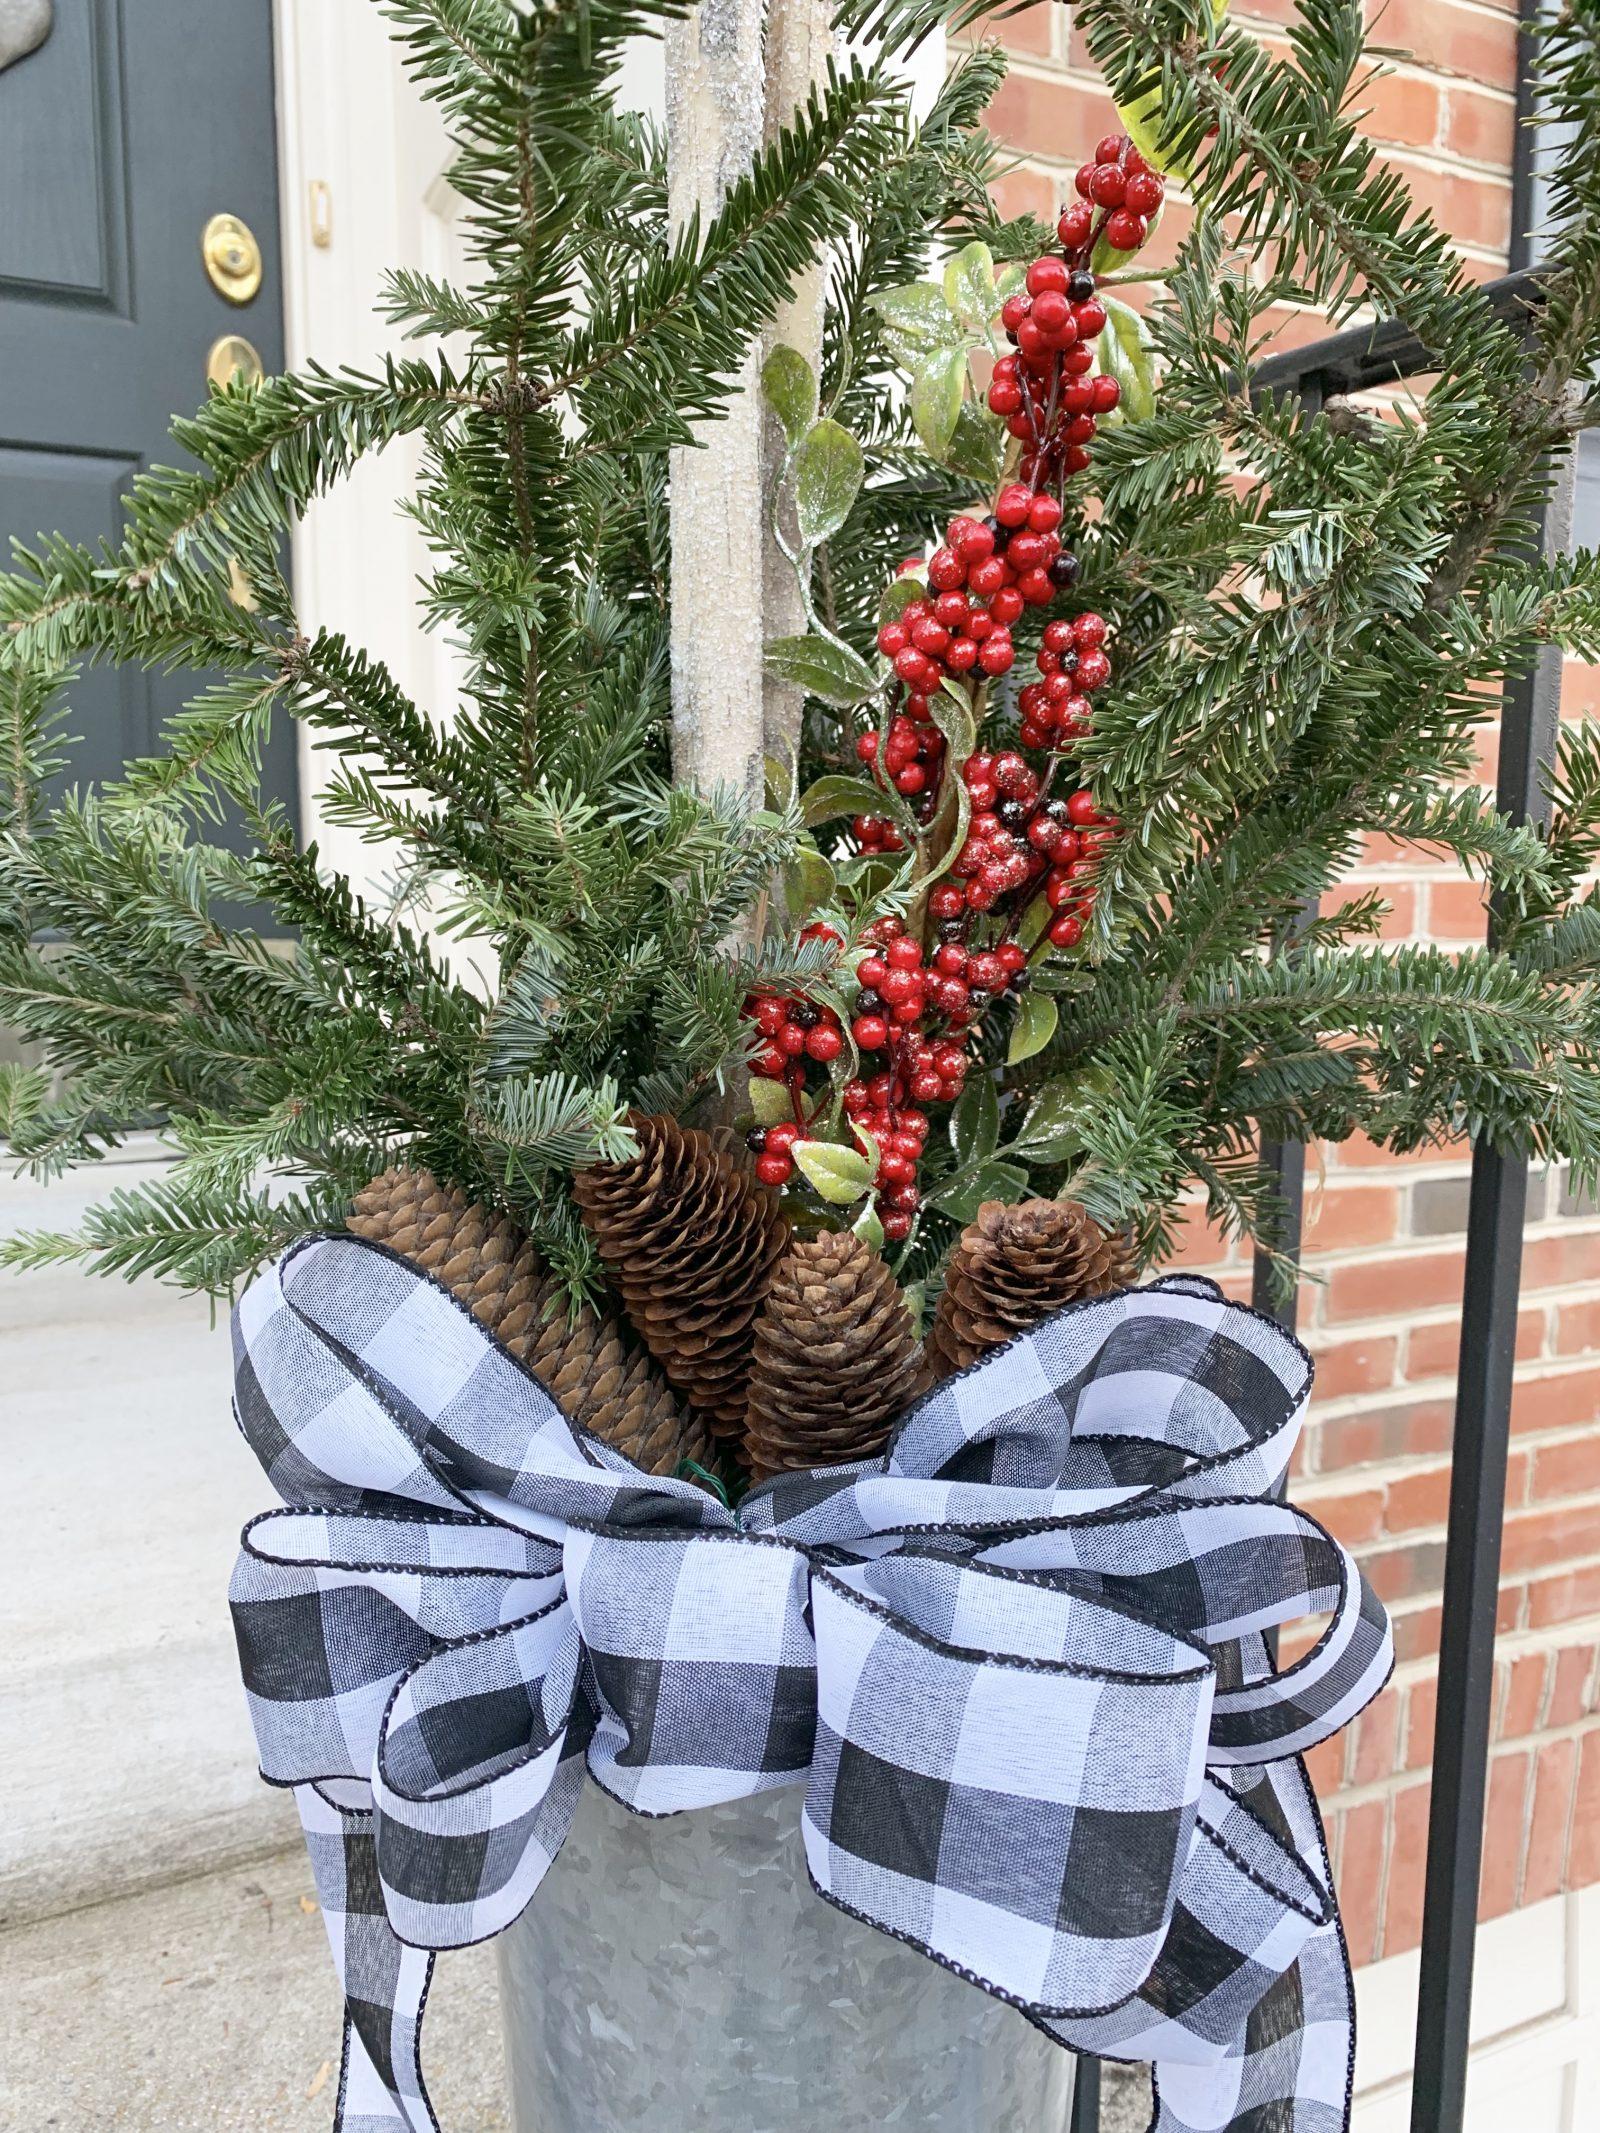 Modern Farmhouse Style DIY Christmas Door Decorations Christmas Birch Bucket #Farmhouse #Affordable #BudgetFriendly #Christmas #DIY #ChristmasDecor #FarmhouseDecor